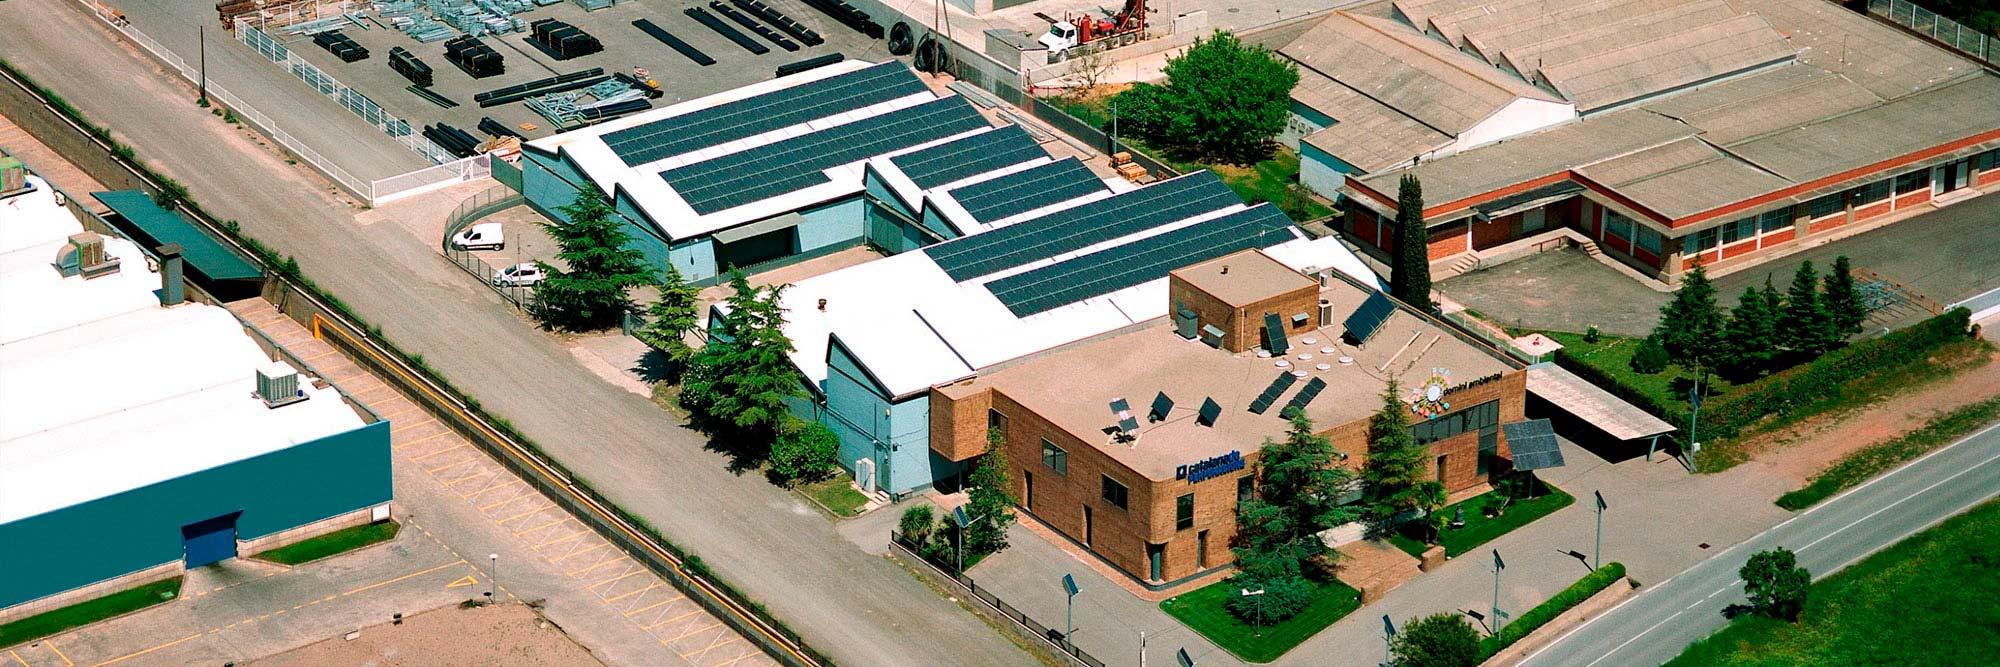 Amplias instalaciones con gran capacidad tecnológica, disponibilidad de maquinària y flota de vehículos